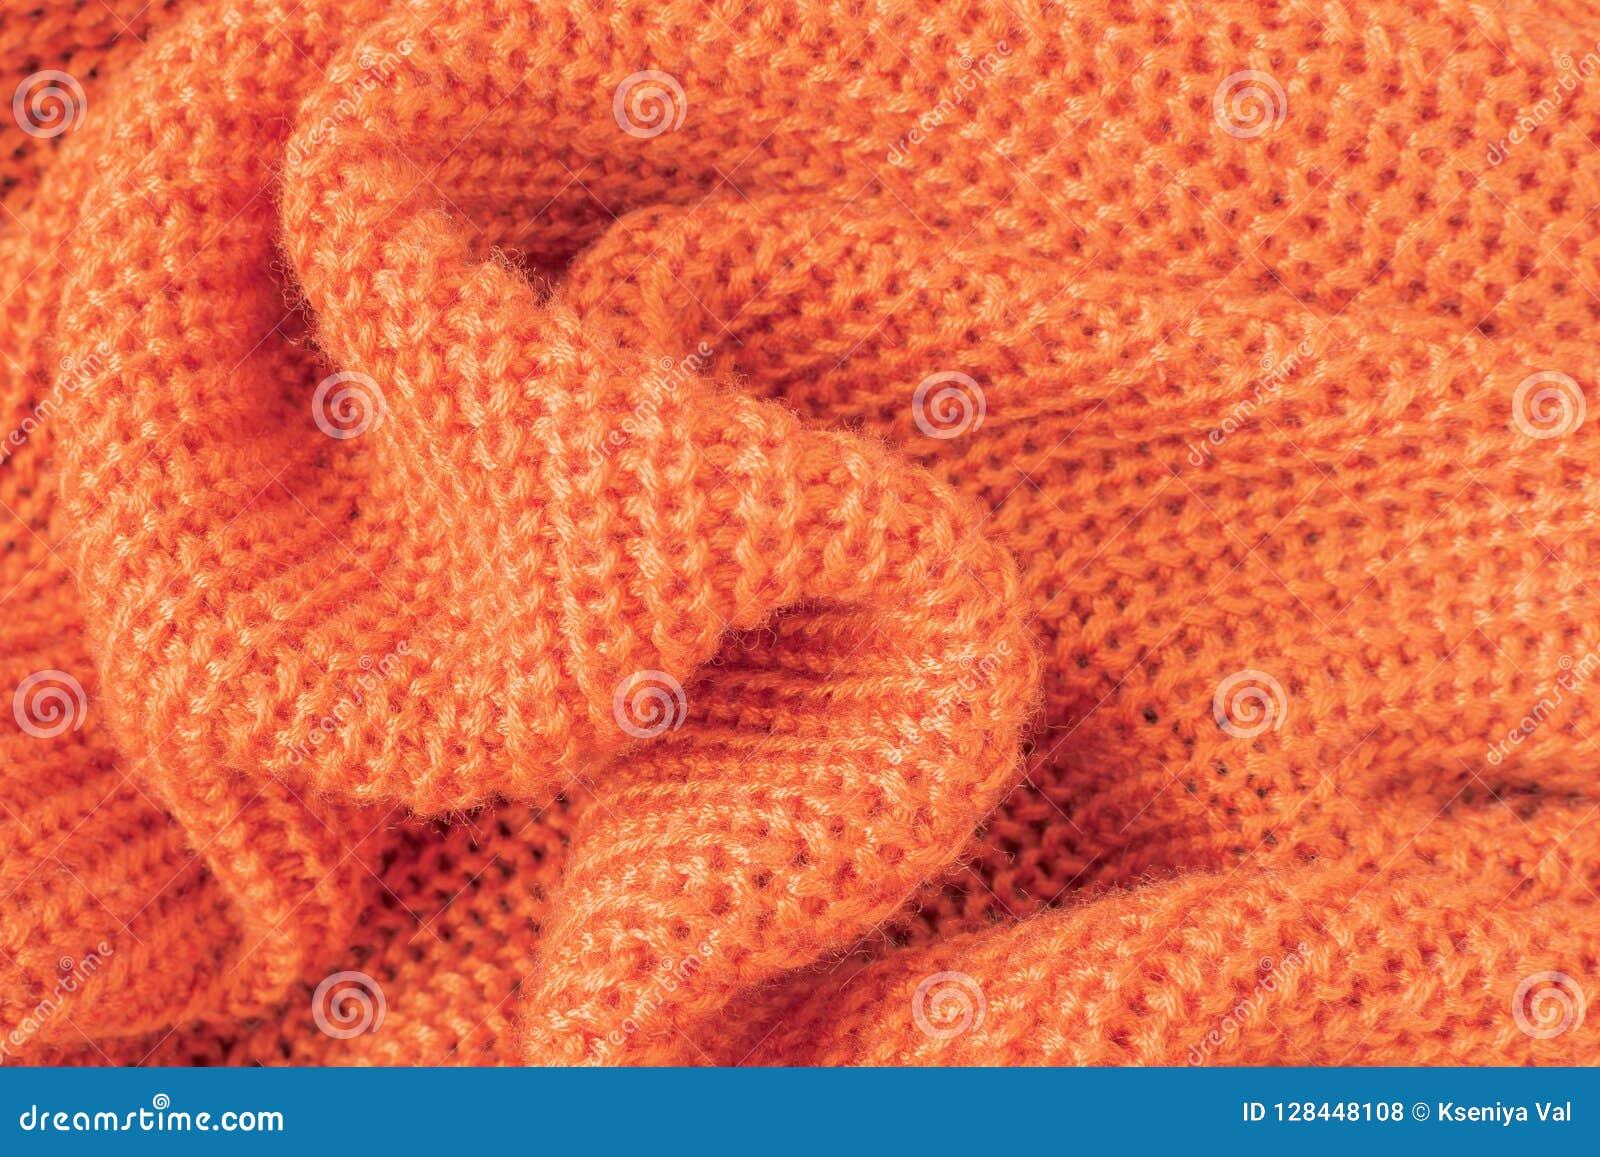 Zachte gebreide stof van oranje pluizig garen